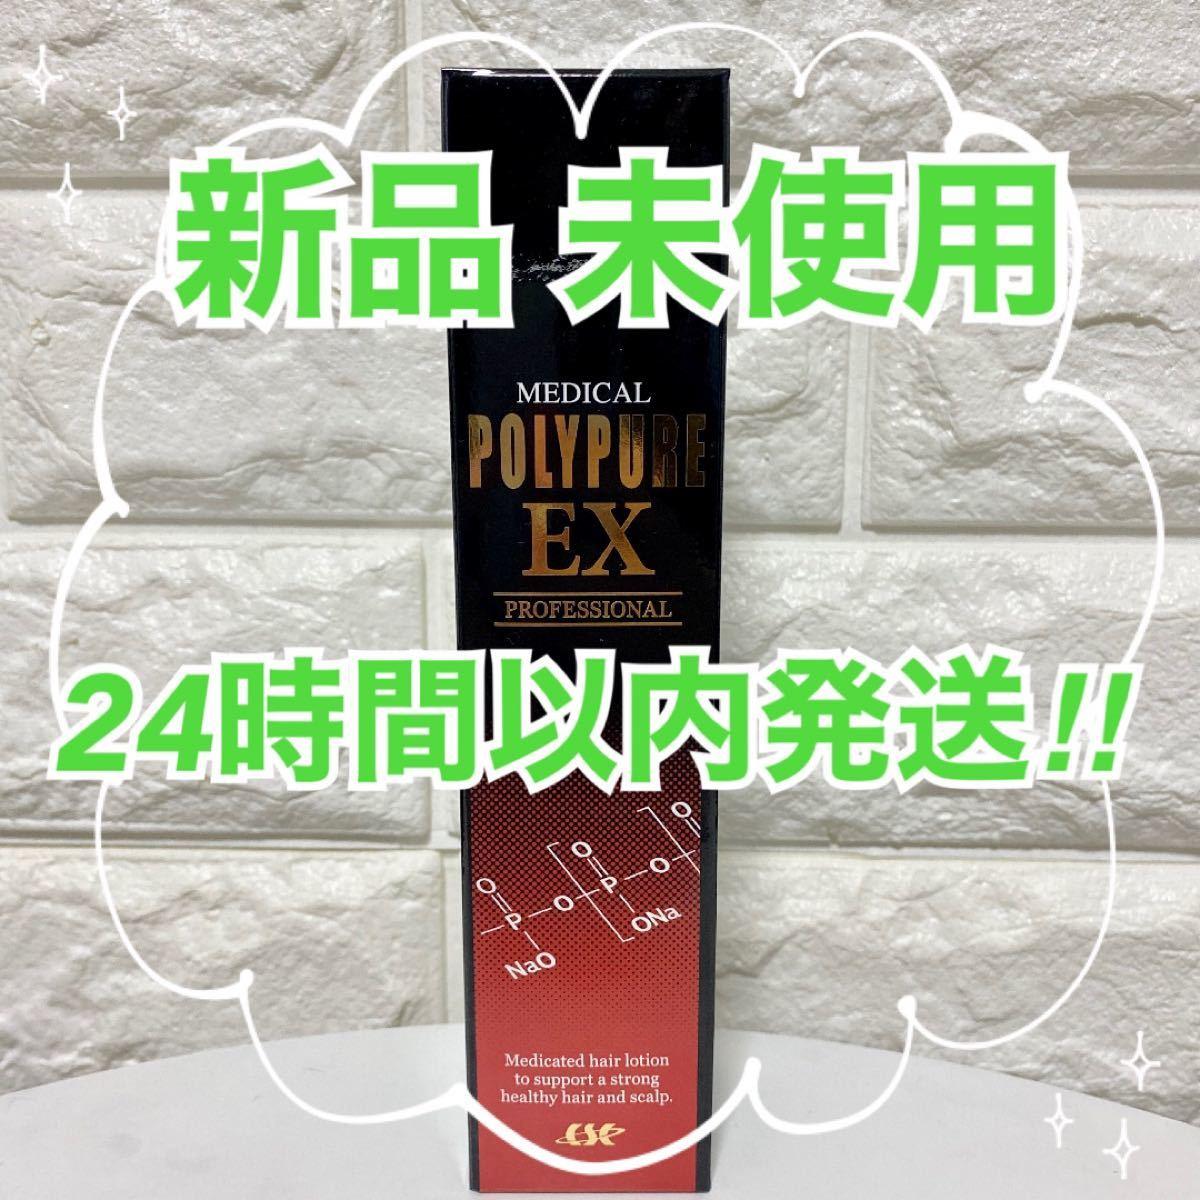 ポリピュアEX  120ml 育毛剤 薬用